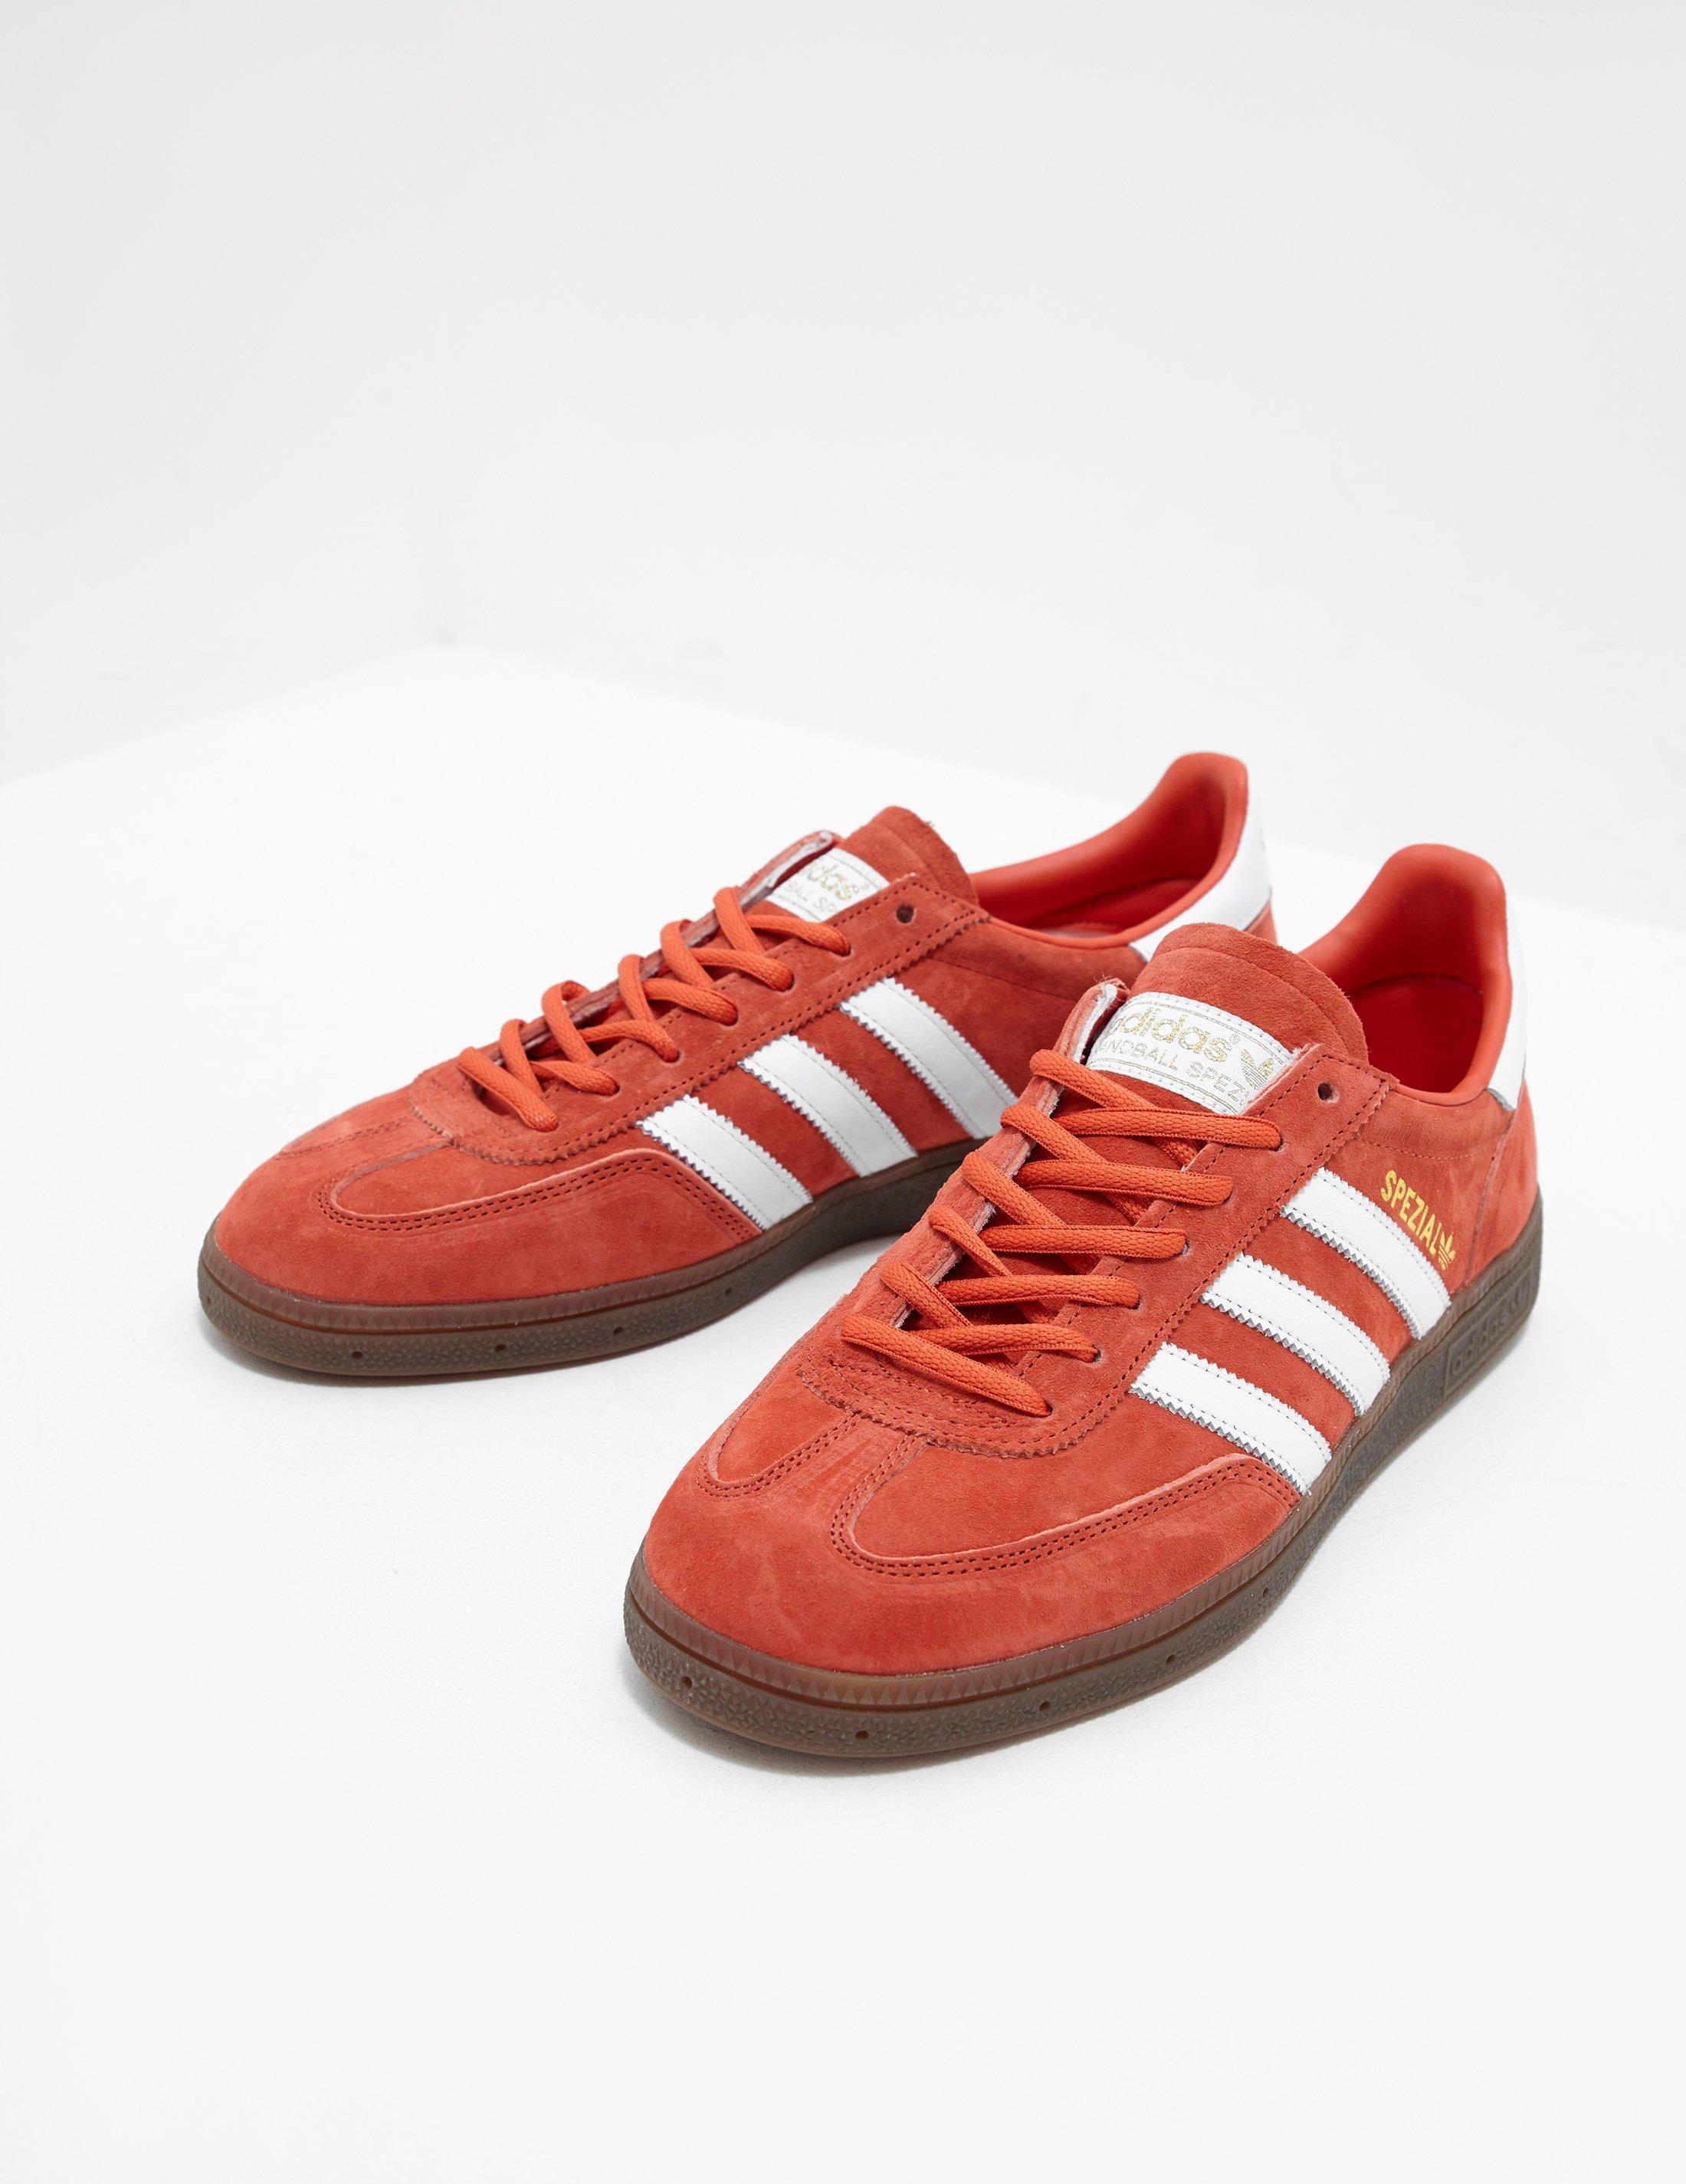 54a5cd240cd0 Adidas Originals Mens Handball Spezial Orange in Orange for Men - Lyst